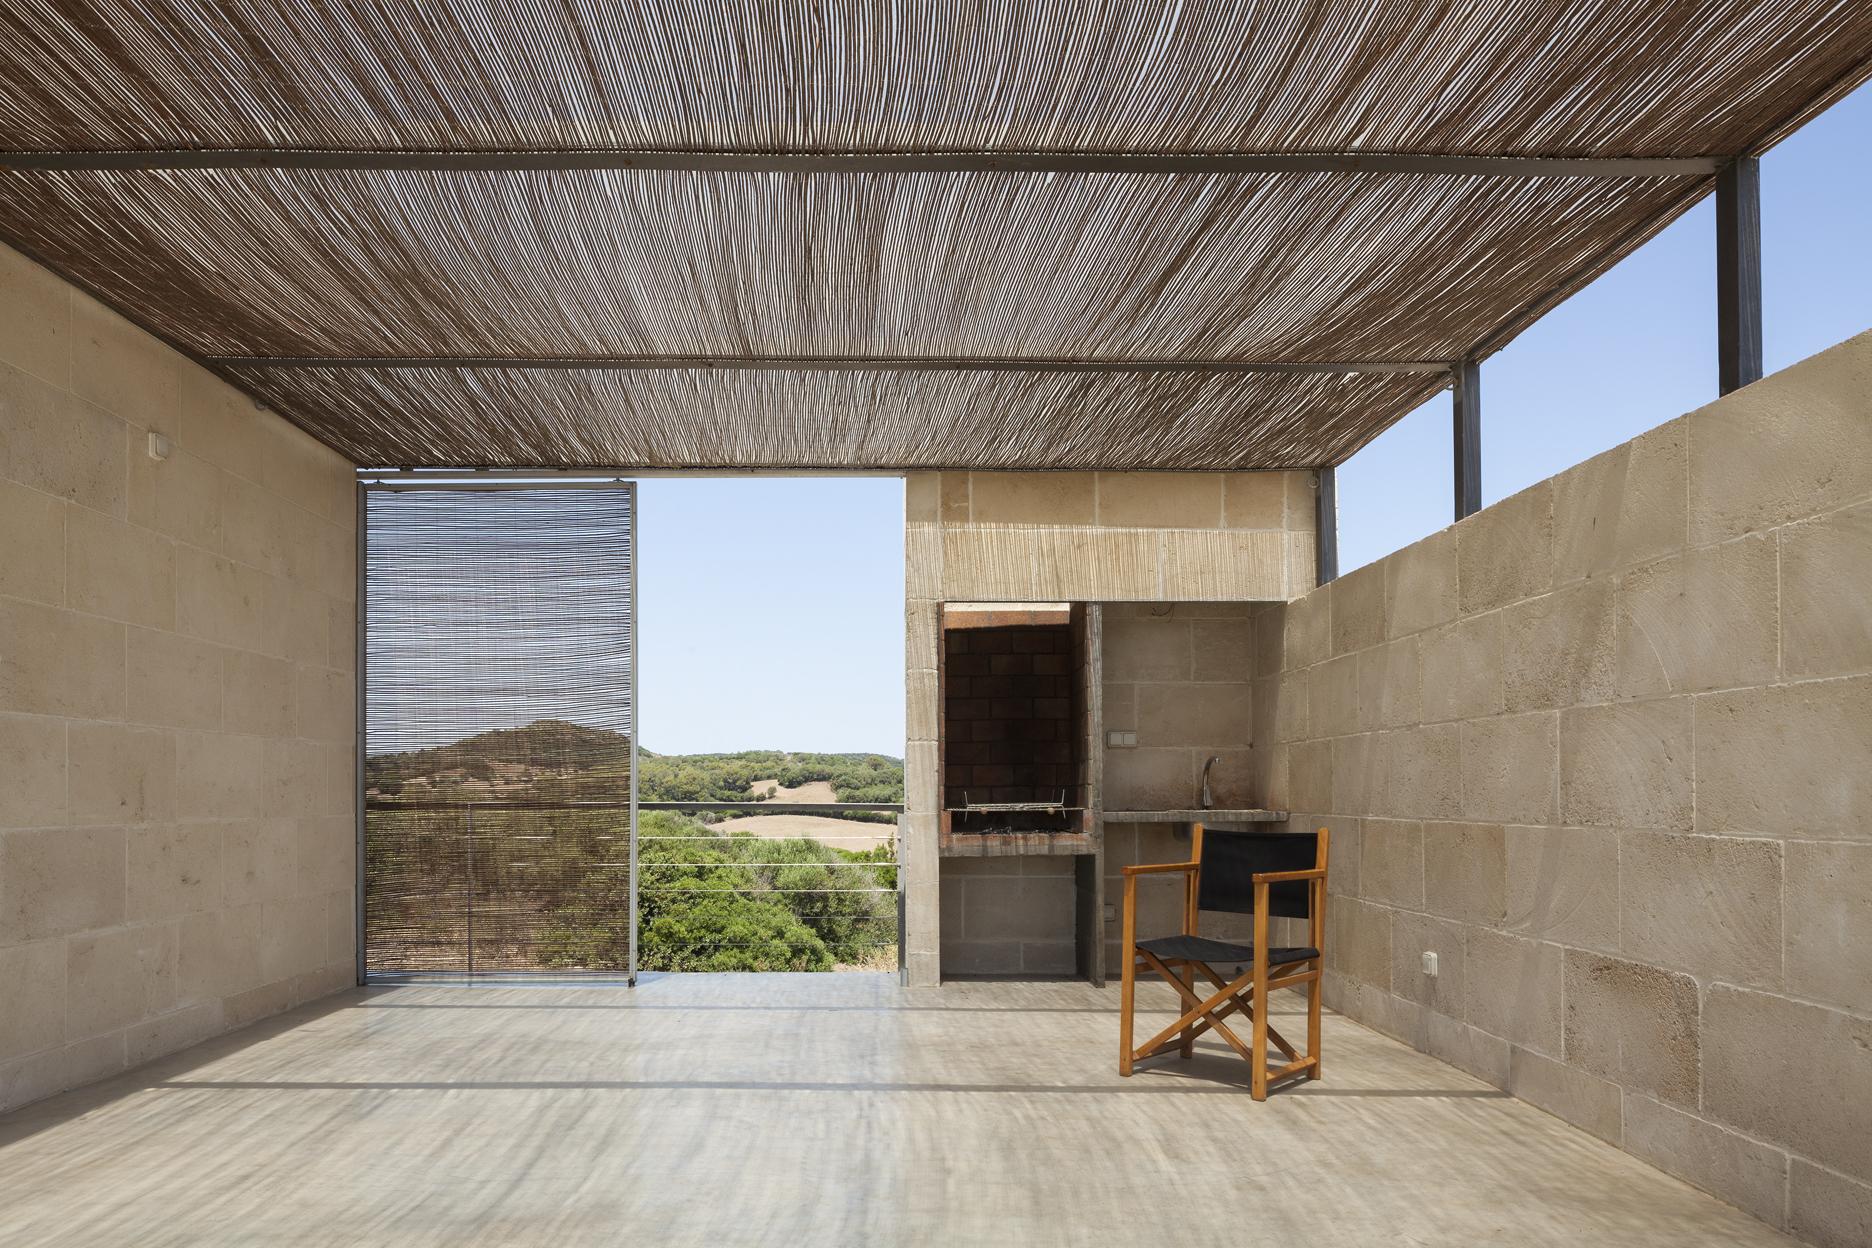 Habitatge unifamiliar menorca - Casa menorca barcelona ...